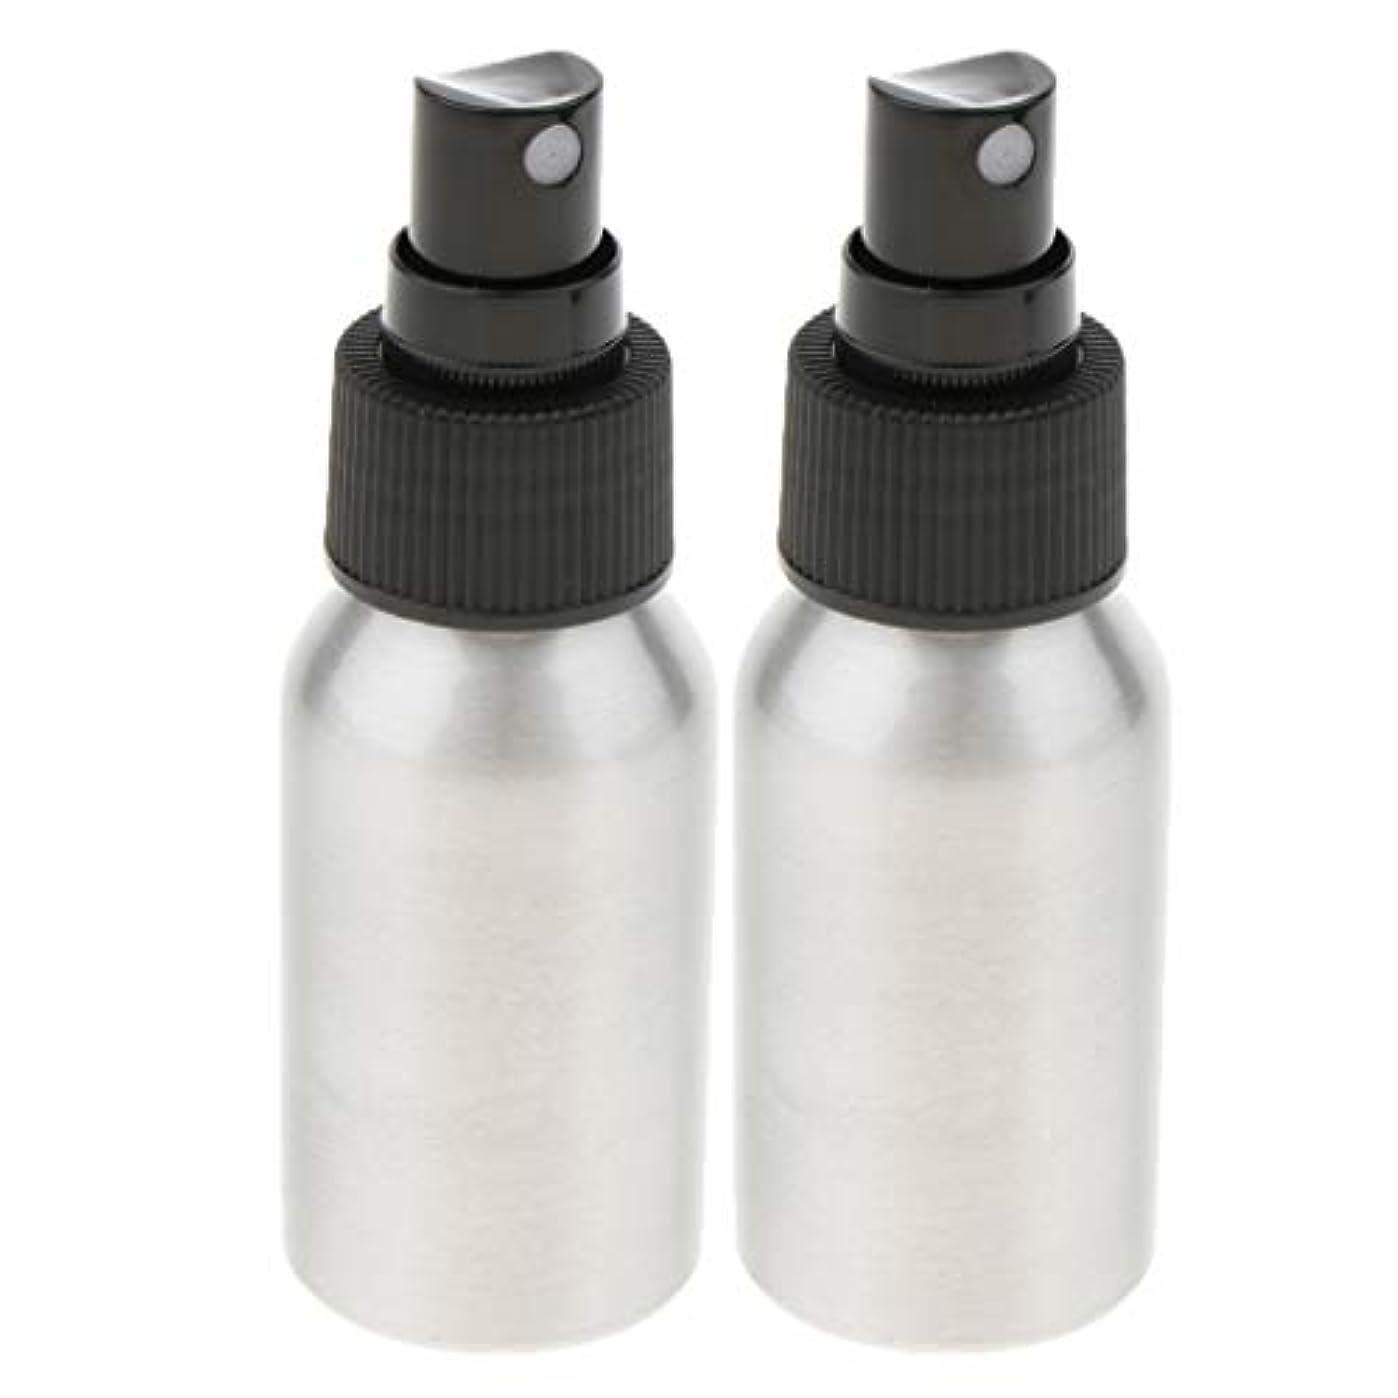 磁石音声学課すgazechimp アルミ 空の詰め替えボトル 香水ボトル メイクアップボトル 2個 2色選択 - ブラックキャップ